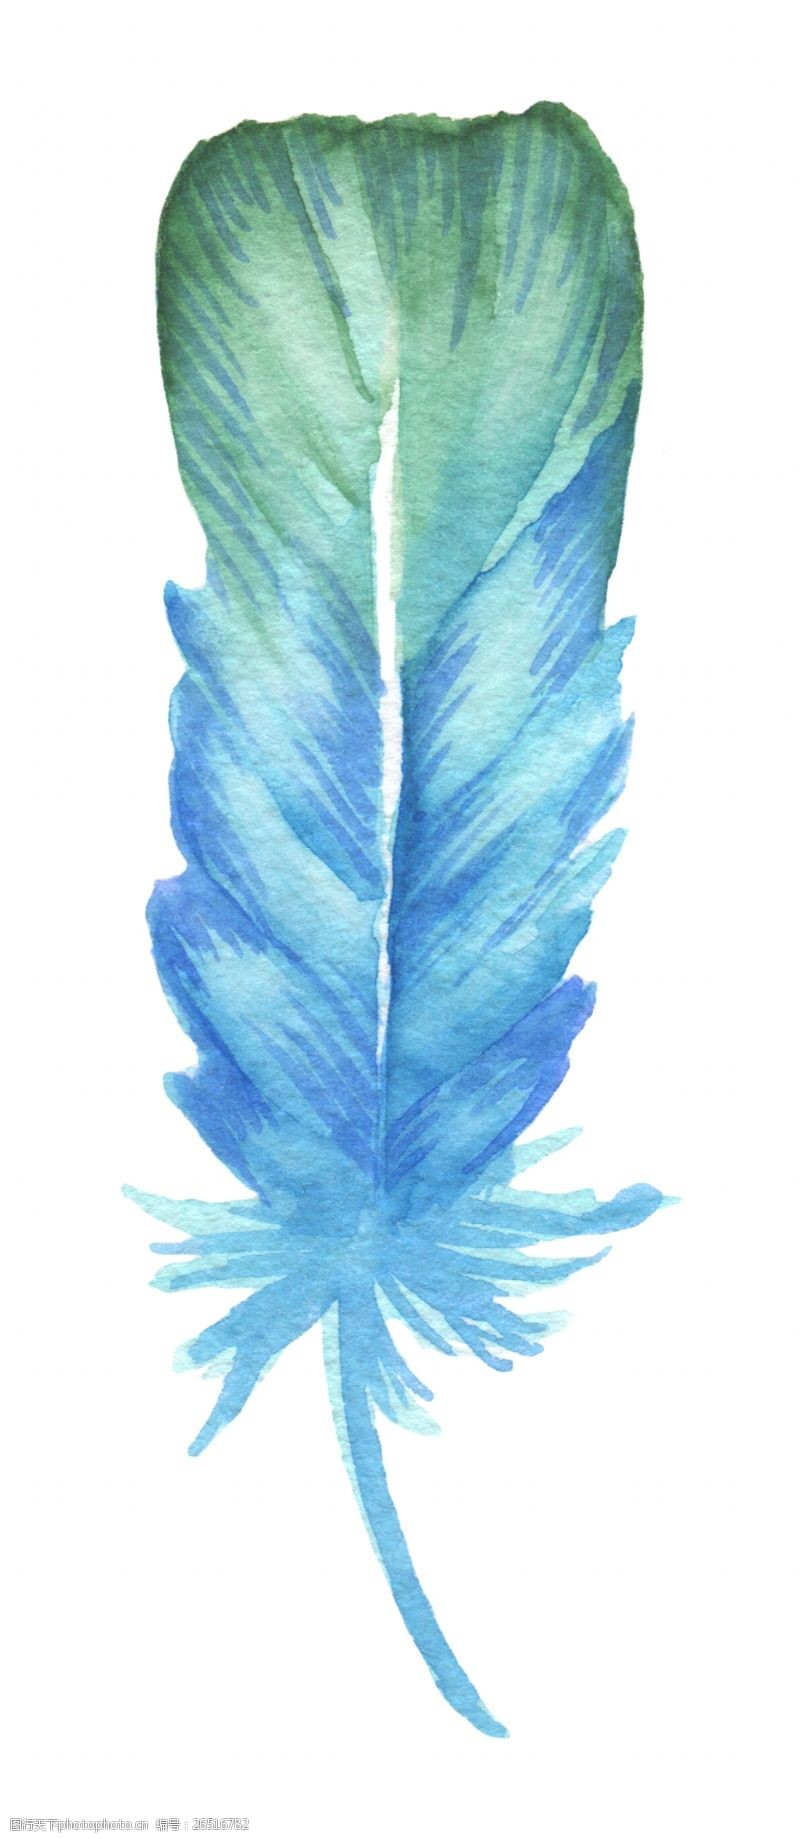 蓝绿搭配炫彩羽毛图片素材